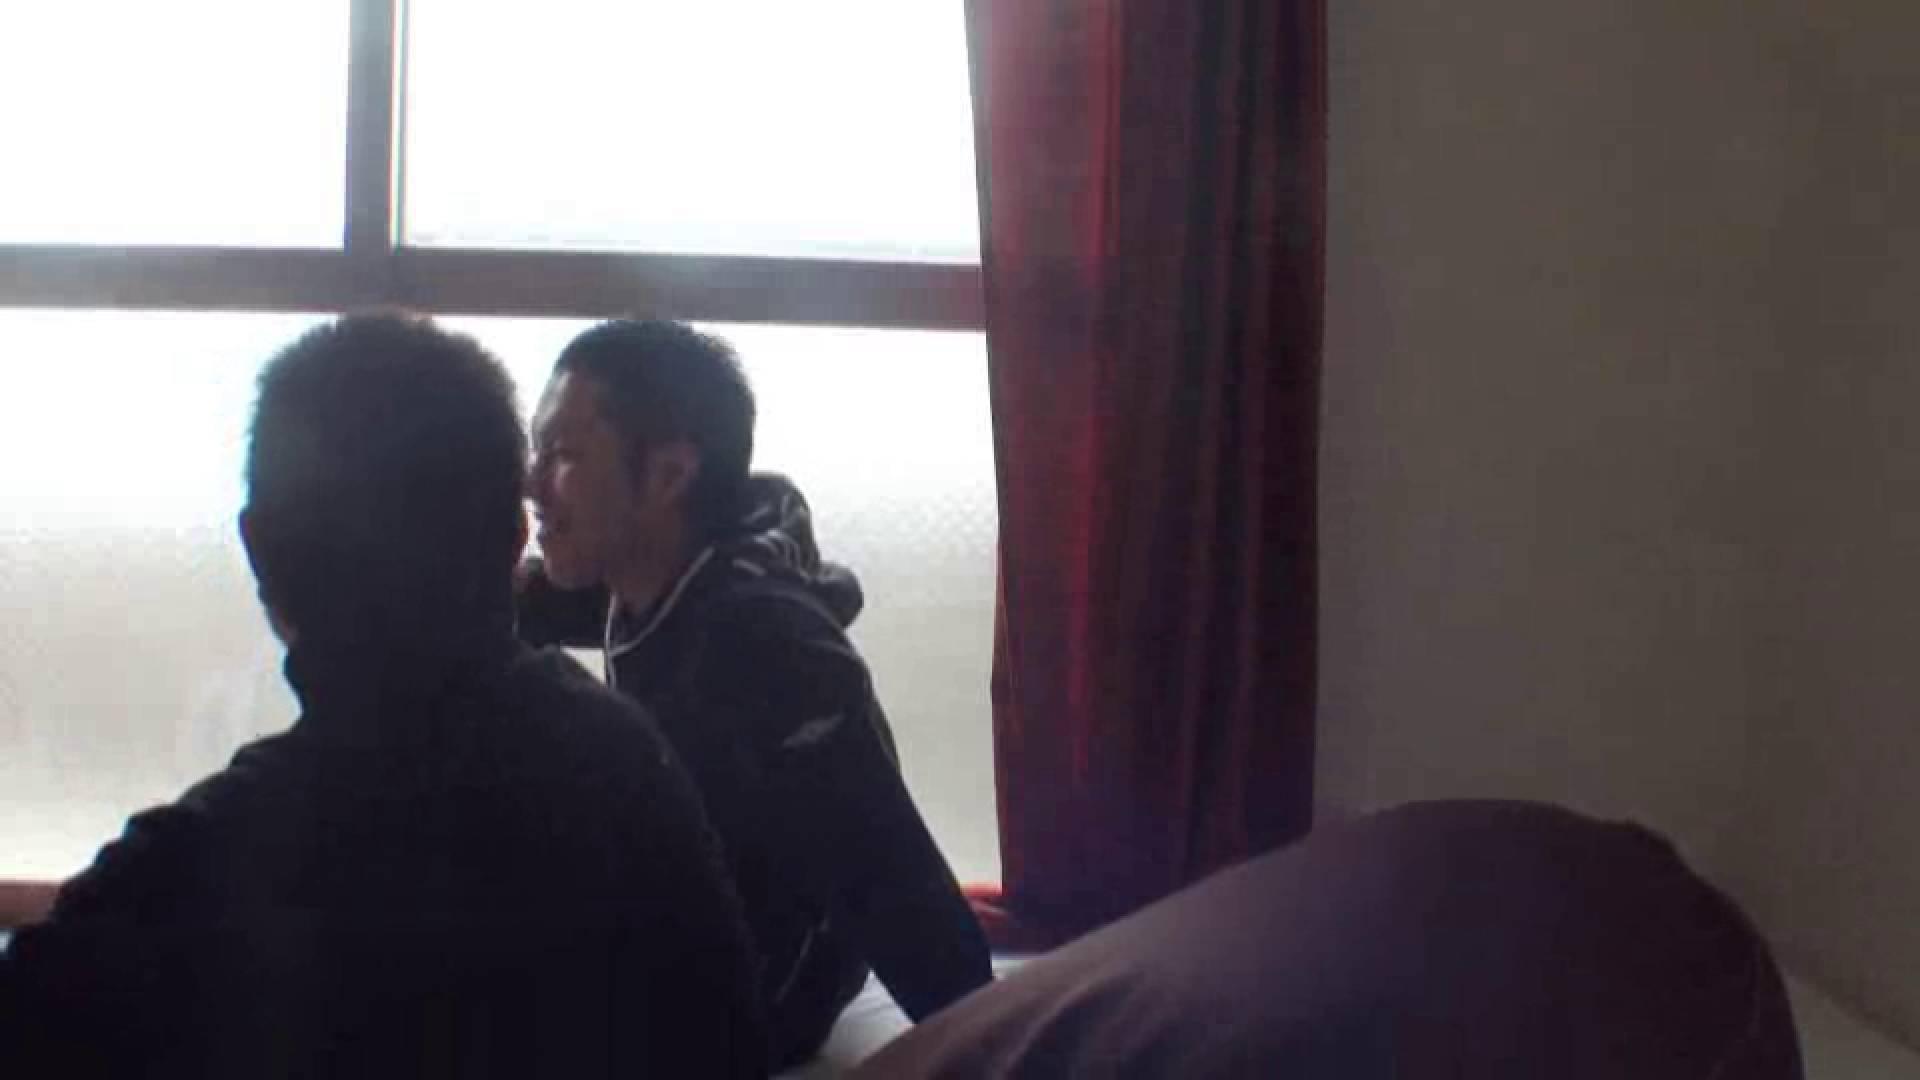 ハメ撮りチャレンジ!ノンケの彼氏をゲットしてみたけれど・・・!第1章 ノンケ達のセックス ゲイアダルトビデオ画像 78画像 27